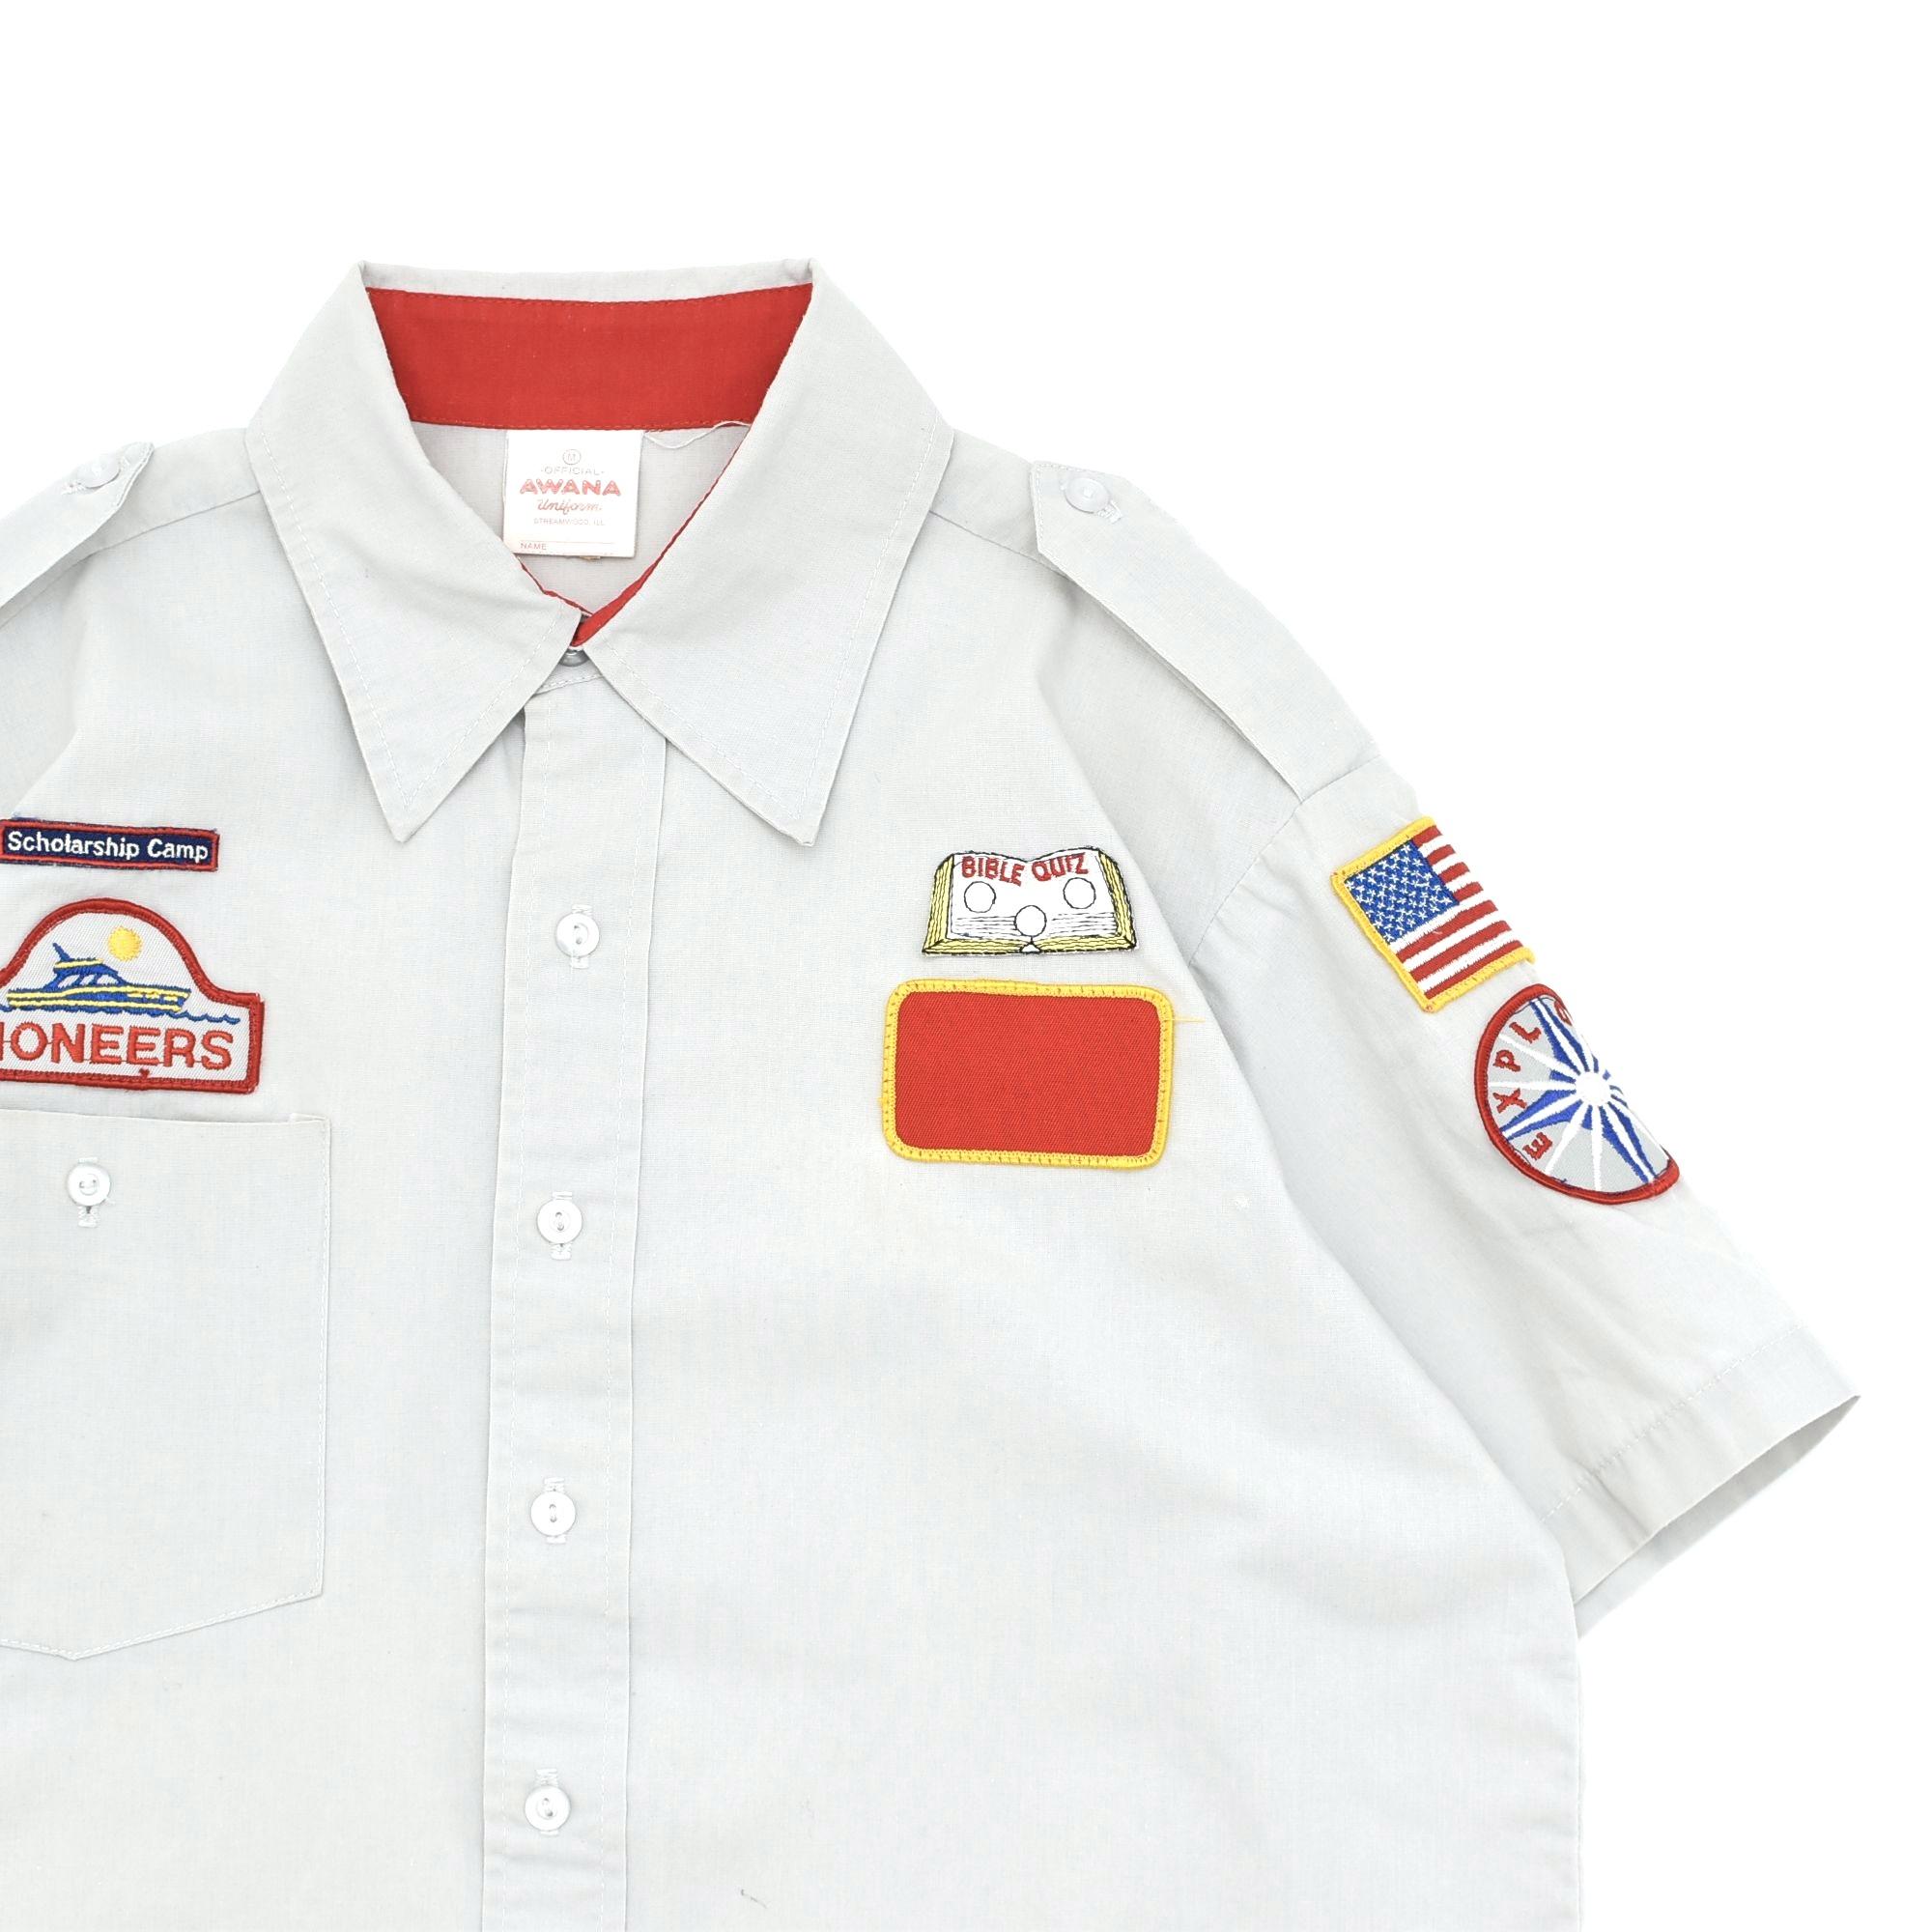 Vtg AWANA clubs uniform work shirt